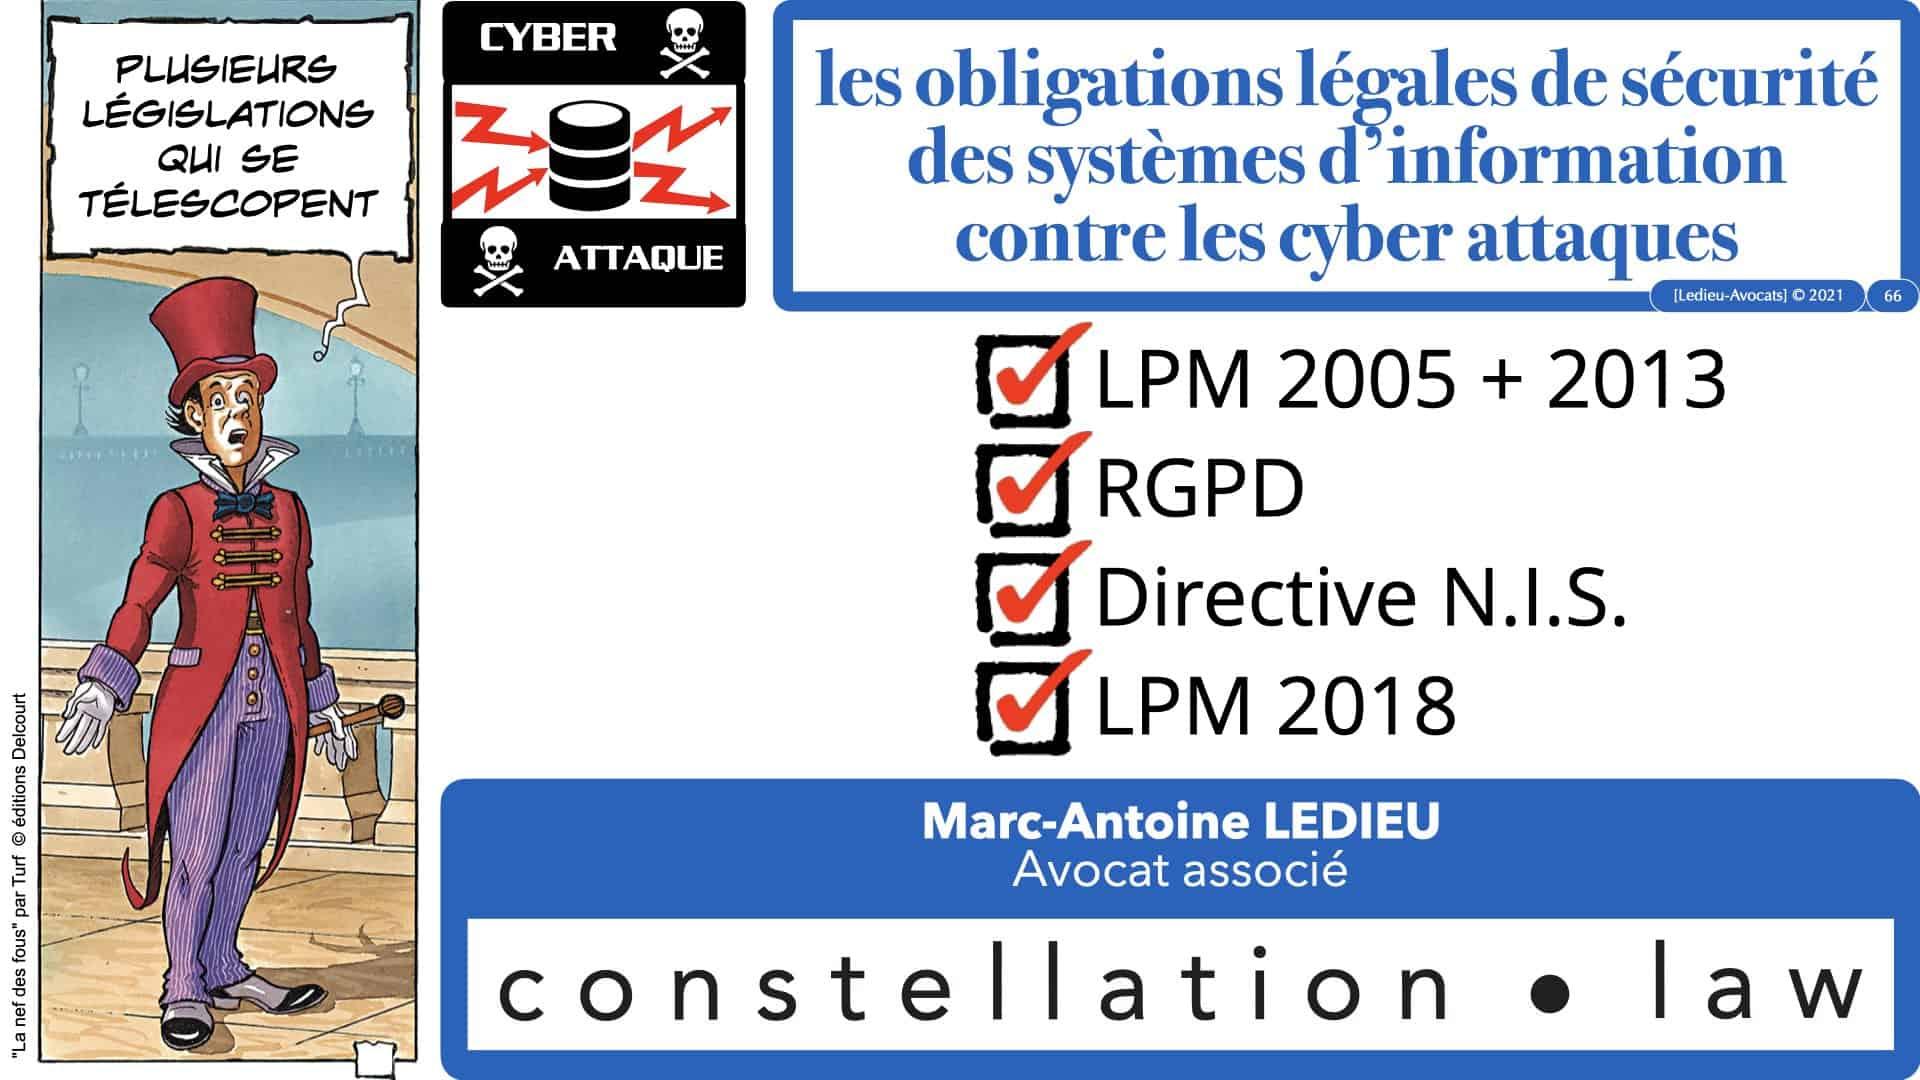 330 CYBER ATTAQUE © Ledieu-Avocats 09-03-2021.066